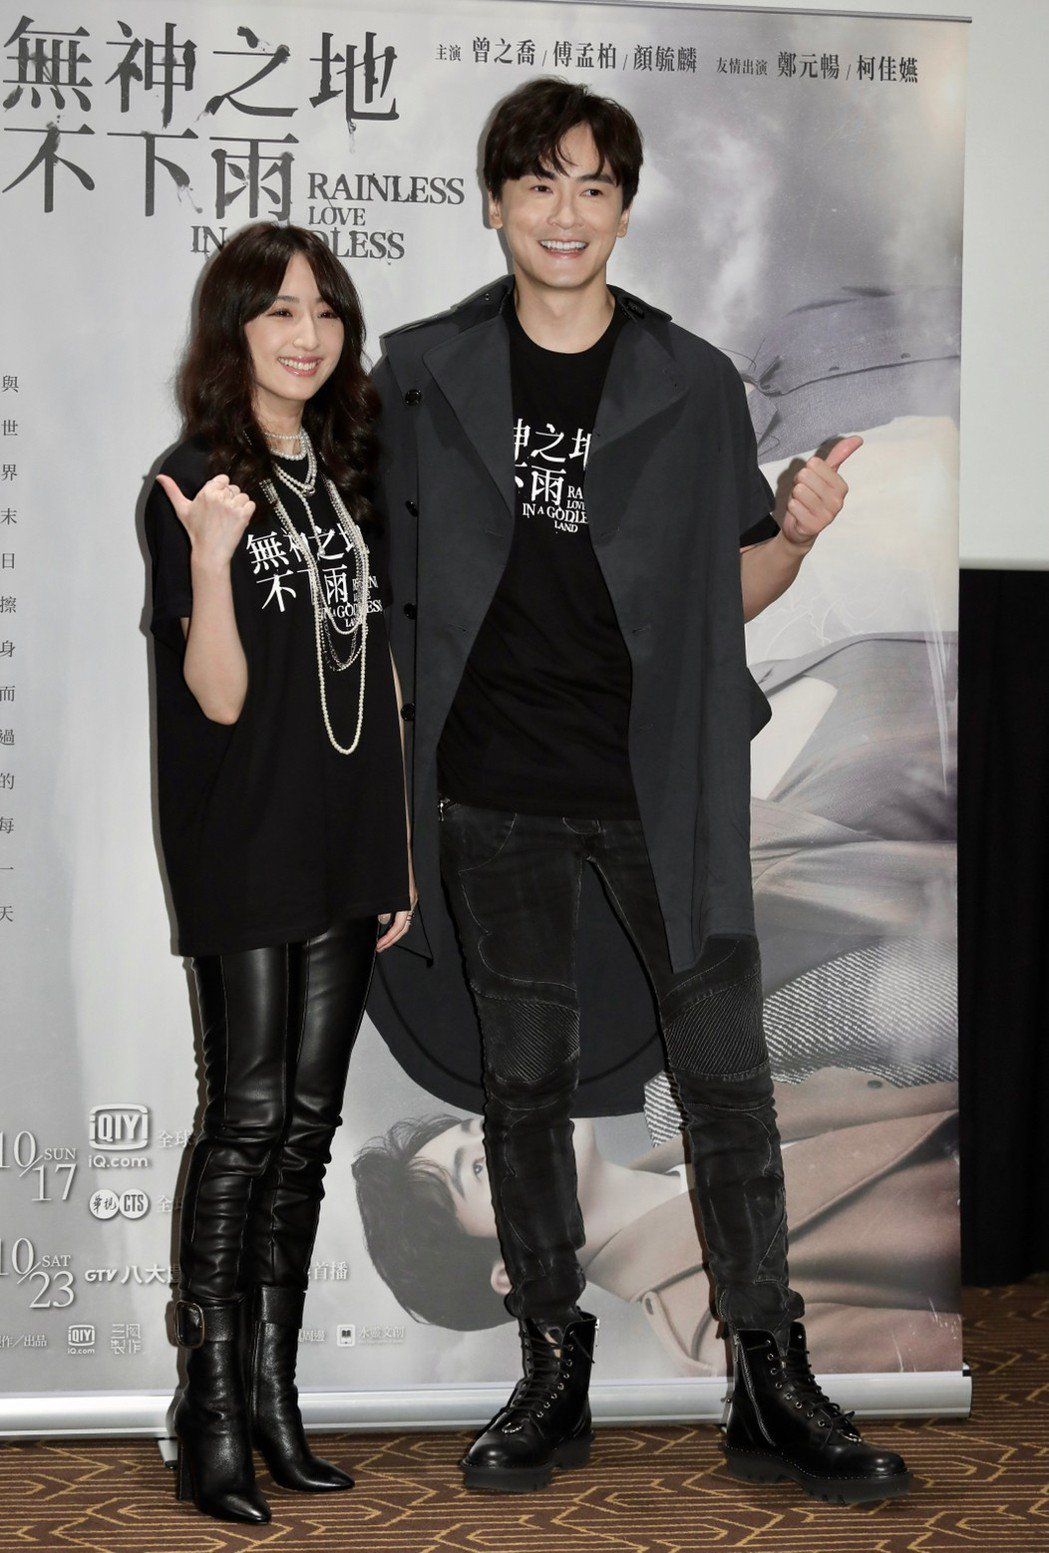 鄭元暢(右)、柯佳嬿相識多年,首次在戲劇上合作。記者李政龍/攝影